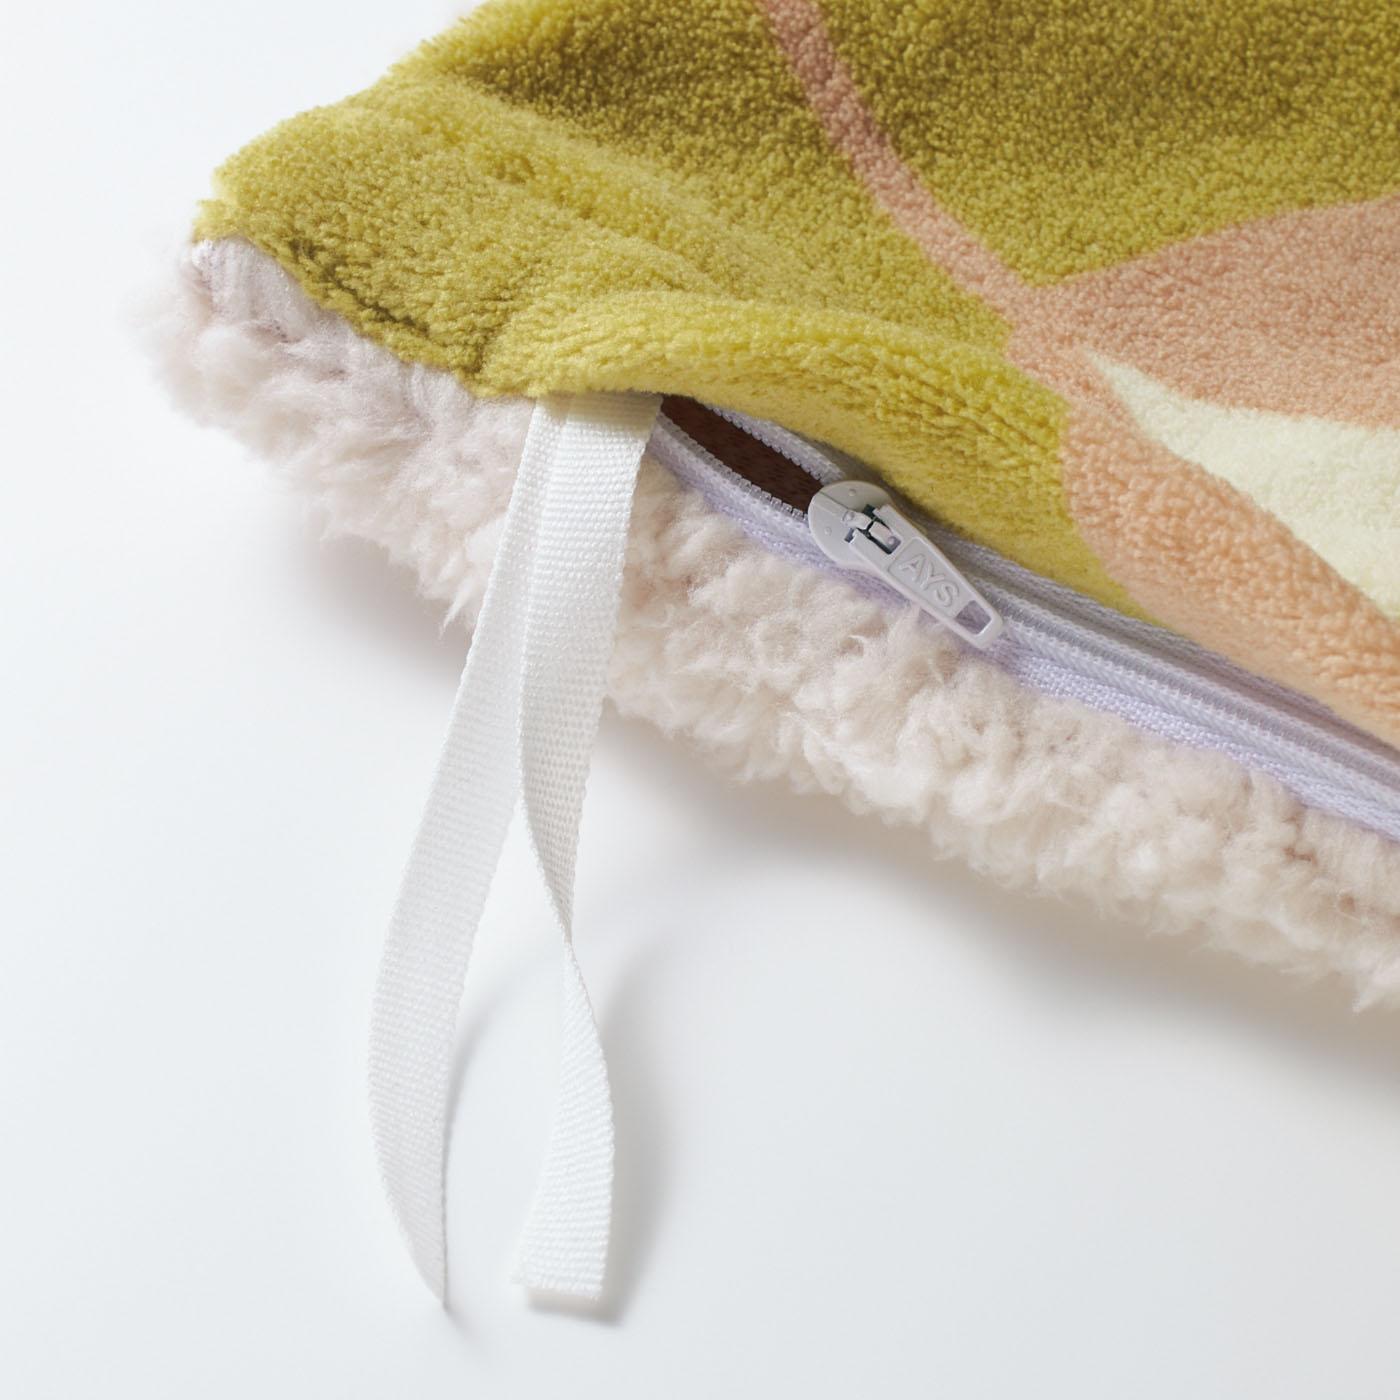 内側には、布団がずれないように固定できるひも付き(シングルサイズは6ヵ所、ダブルサイズは8ヵ所)。